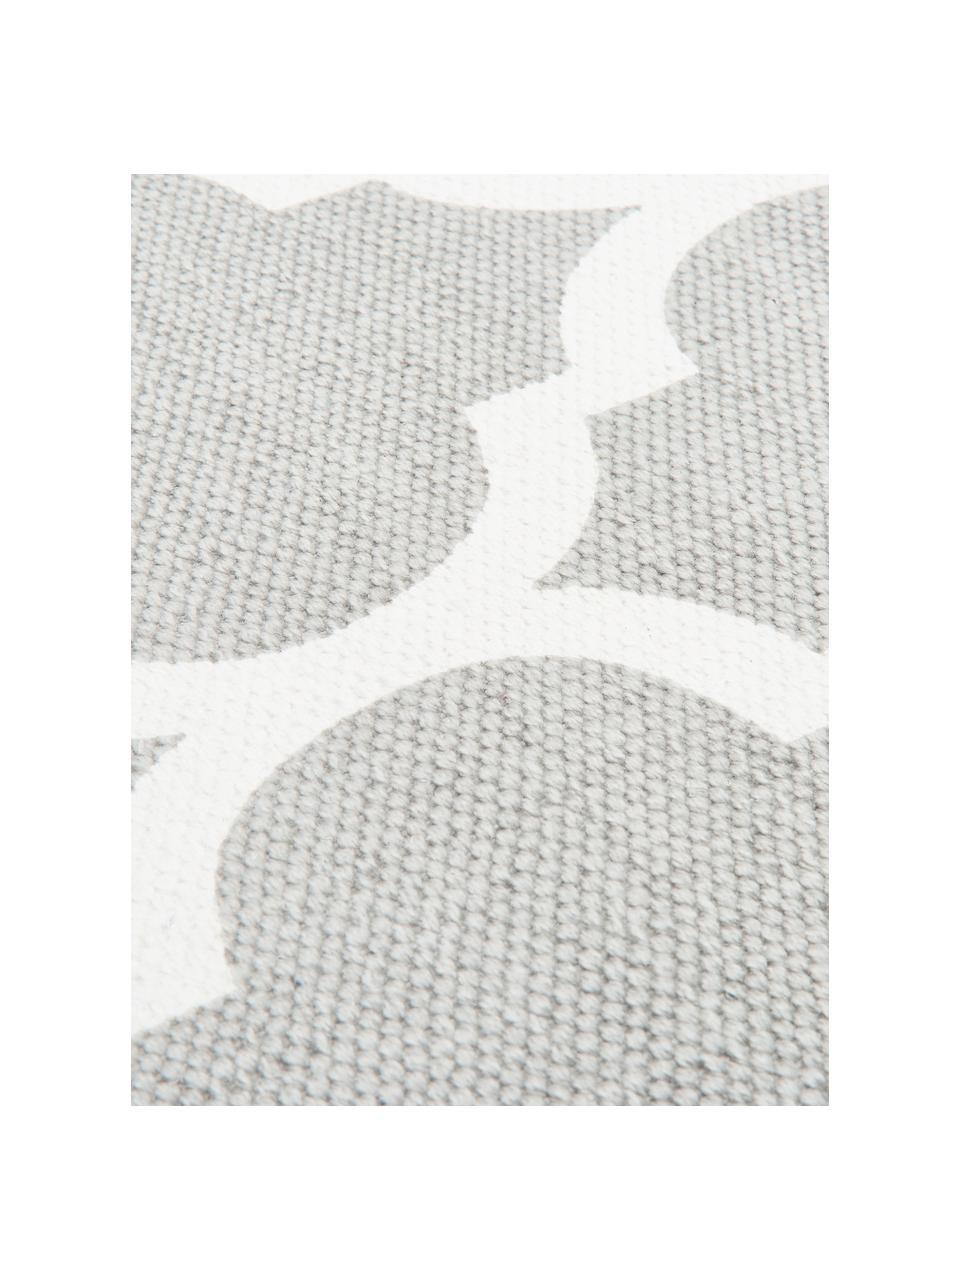 Ręcznie tkany dywan z bawełny Amira, 100% bawełna, Jasny szary, kremowobiały, S 70 x D 140 cm (Rozmiar XS)